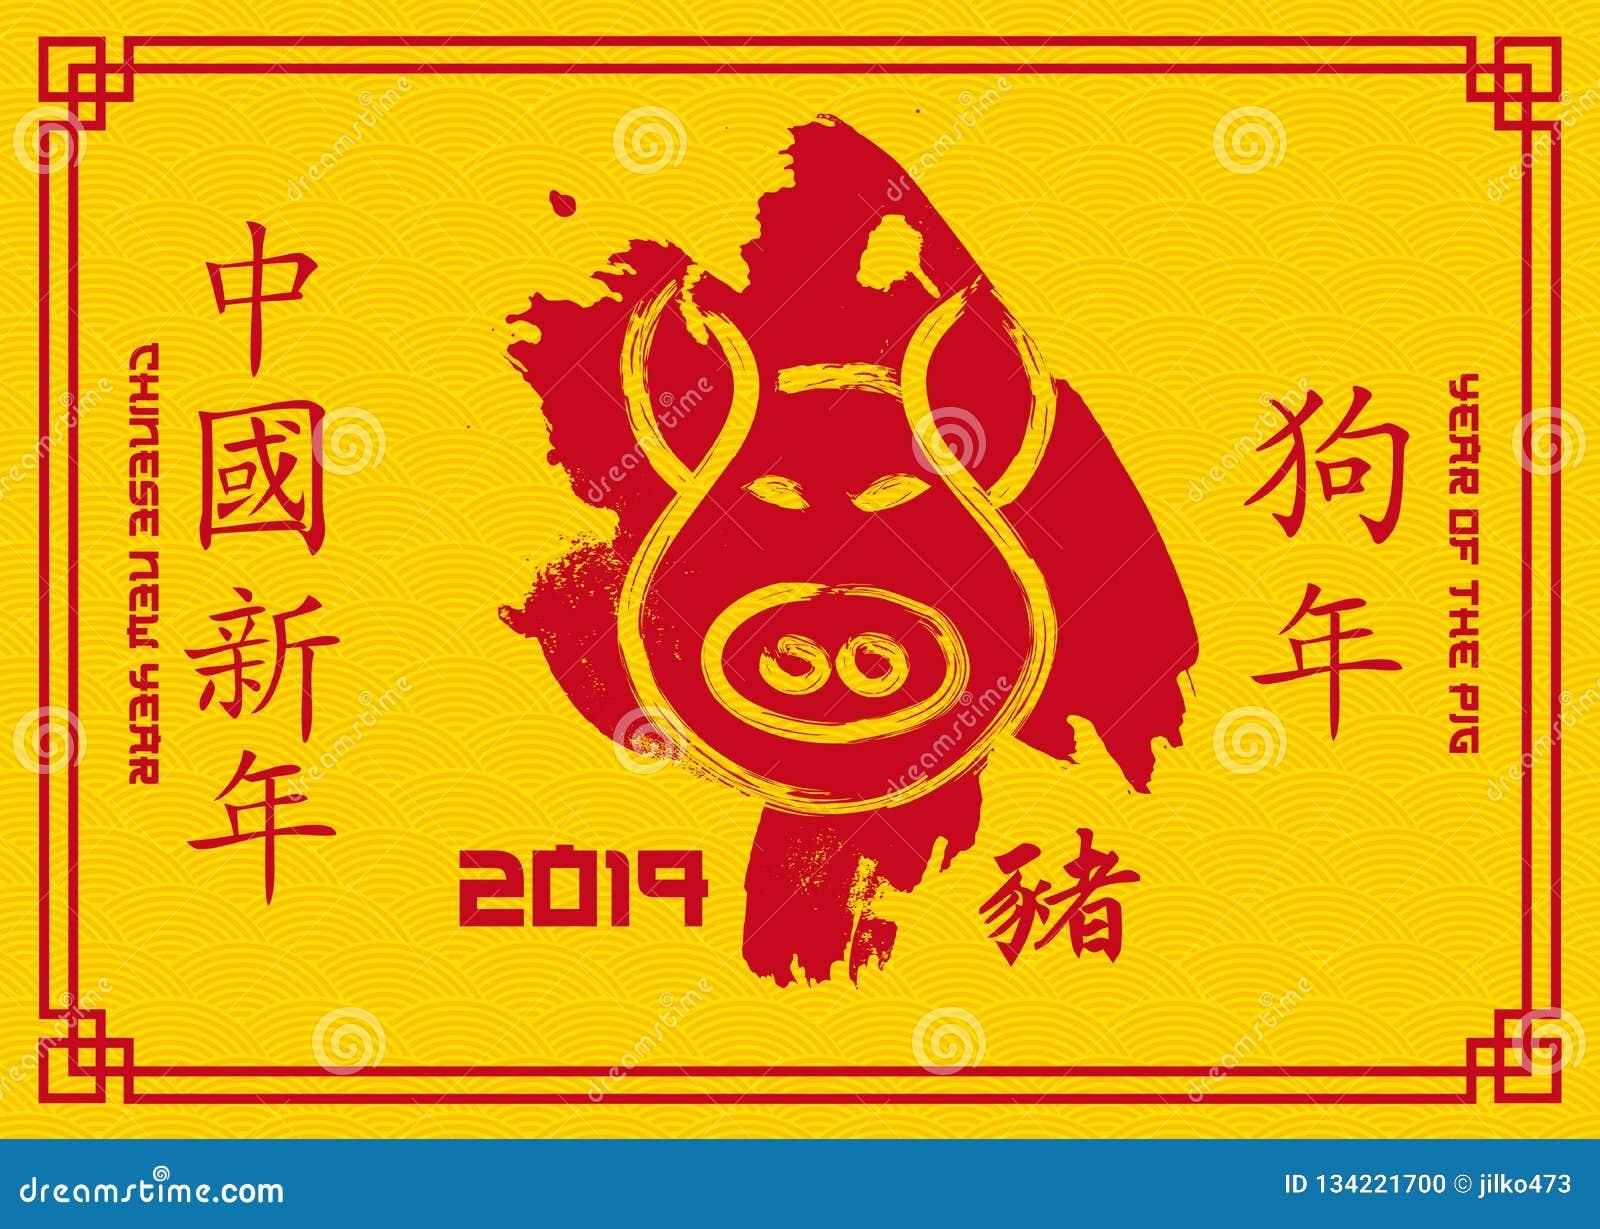 2019 ans du porc - nouvelle année chinoise